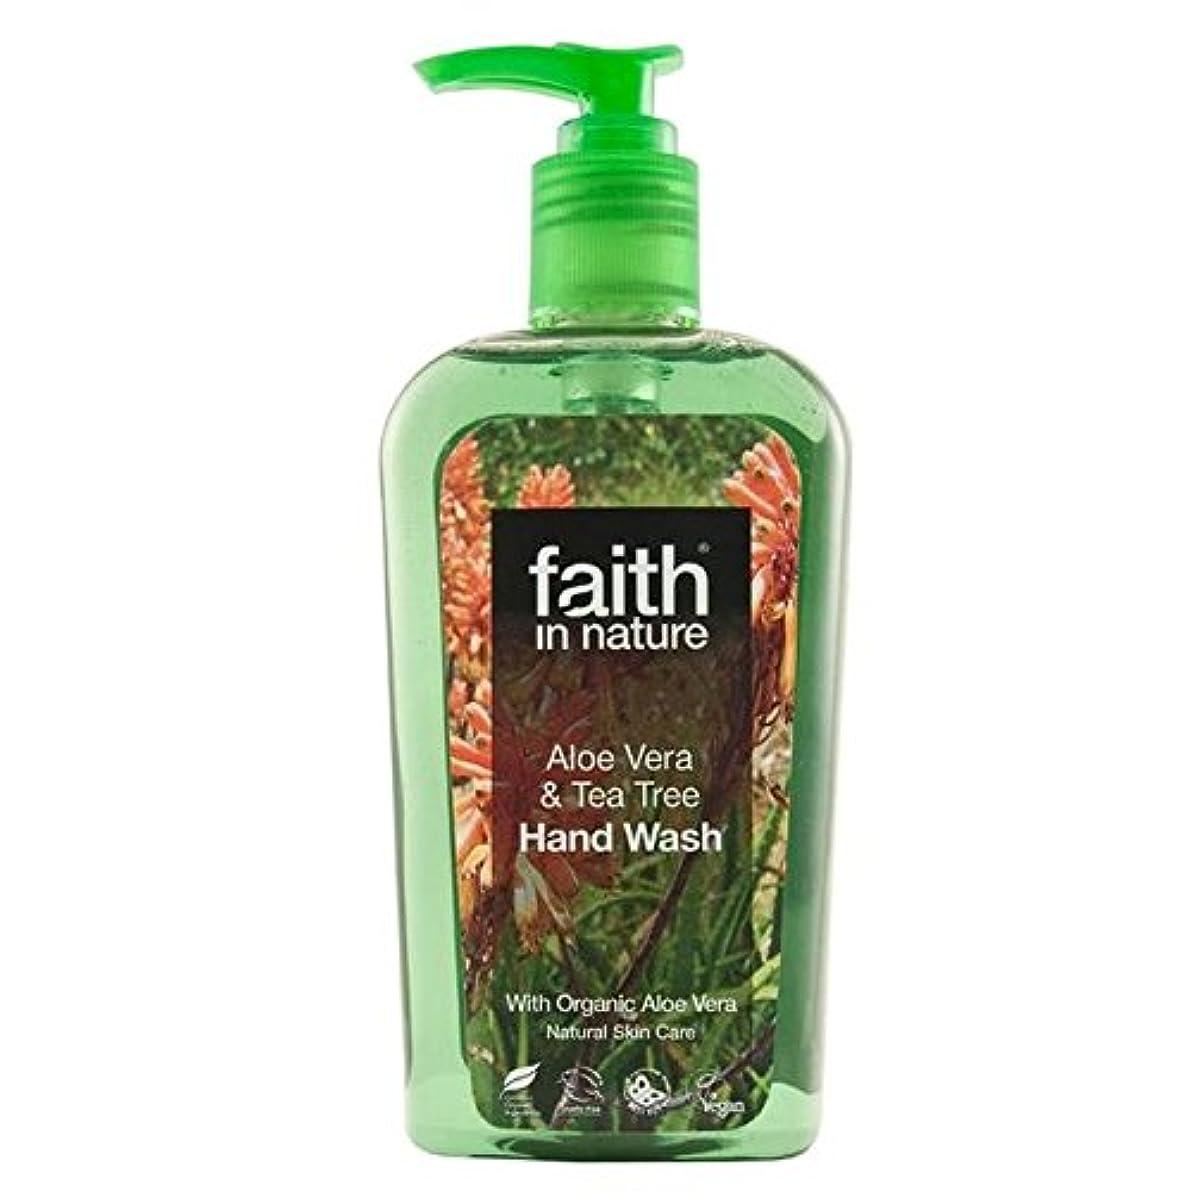 ぴかぴか未亡人近傍Faith in Nature Aloe Vera & Tea Tree Handwash 300ml (Pack of 6) - (Faith In Nature) 自然のアロエベラ&ティーツリー手洗いの300ミリリットル...